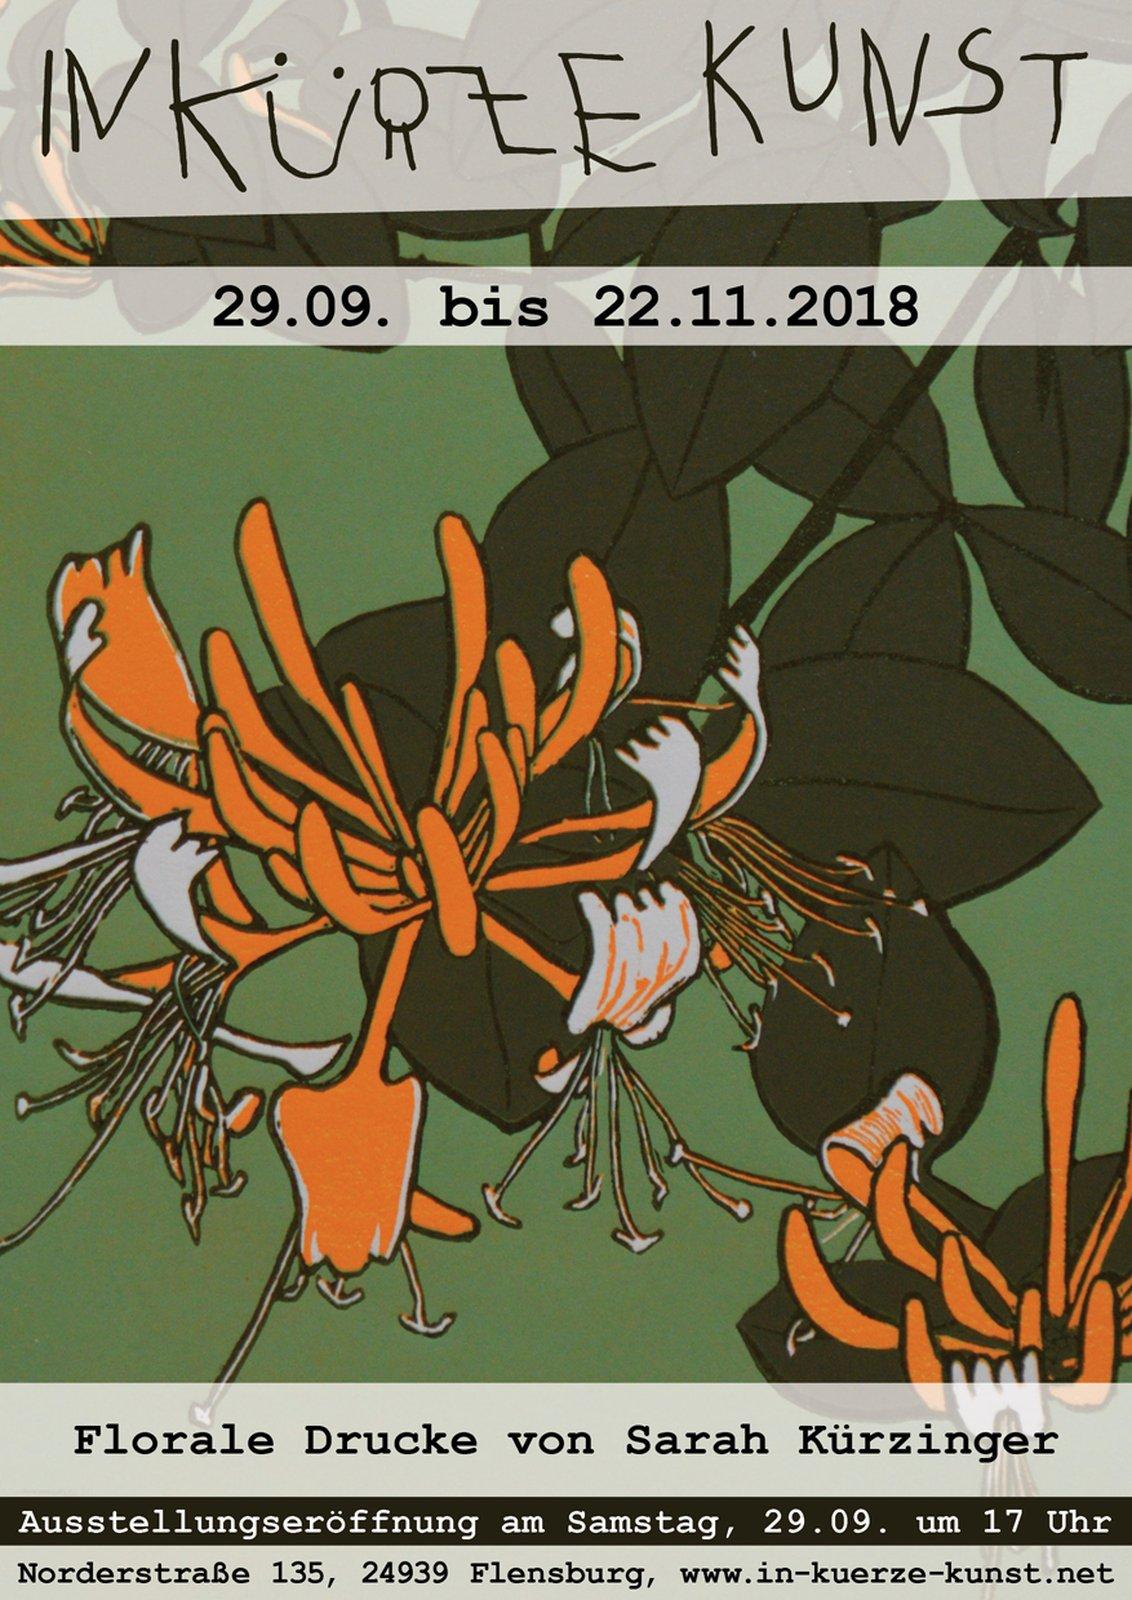 Florale Drucke von Sarah Kürzinger